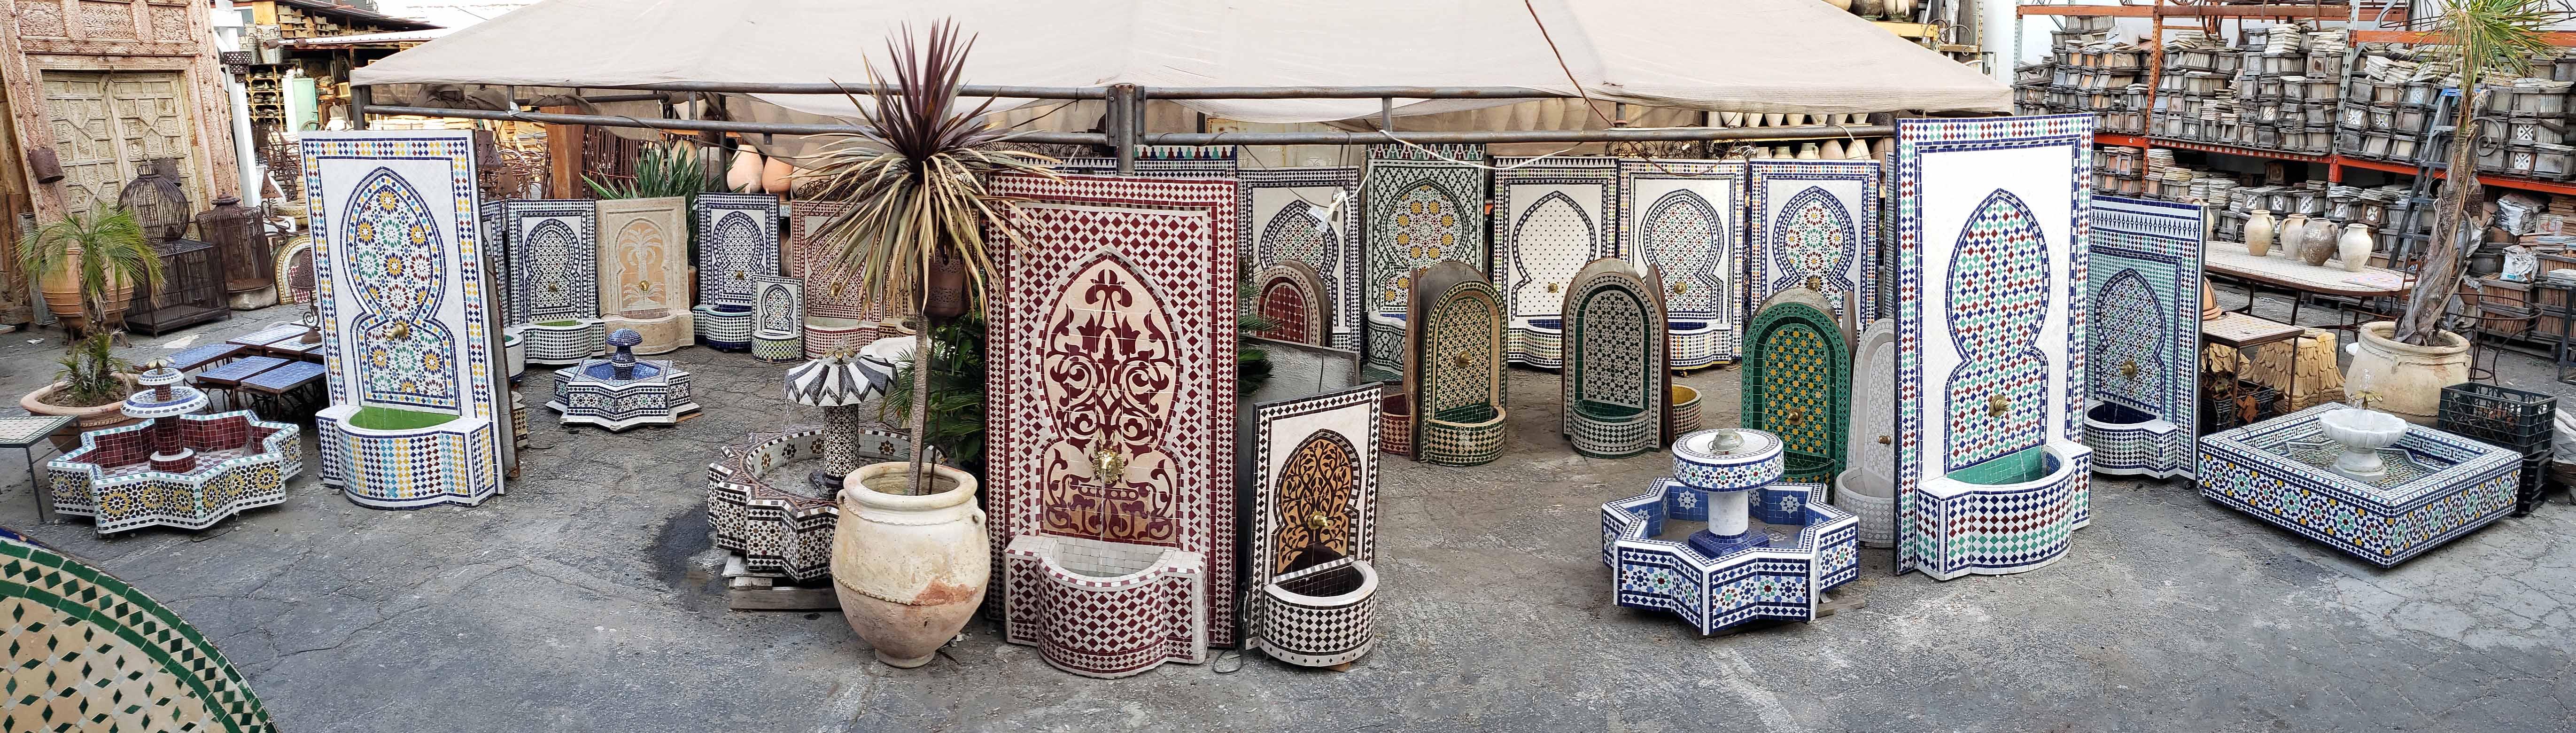 Outdoor Moroccan Tile Water Fountain Ideas Badia Design